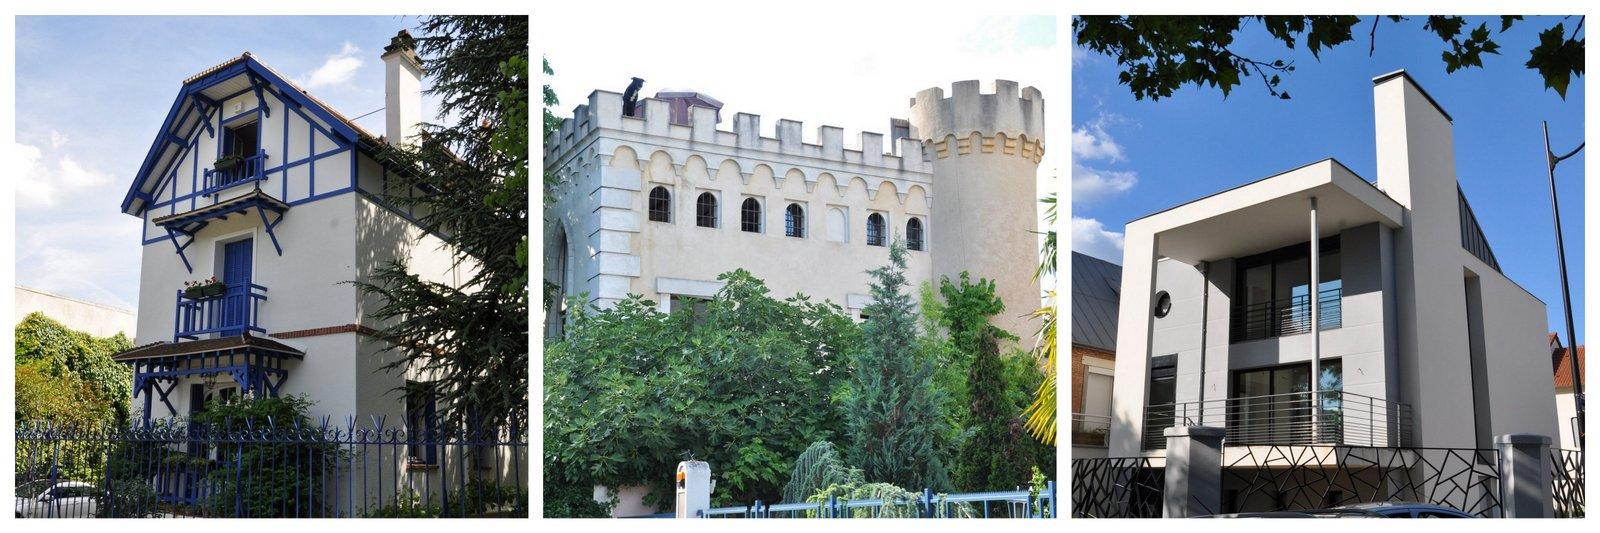 joinville-le-pont-marne-casas